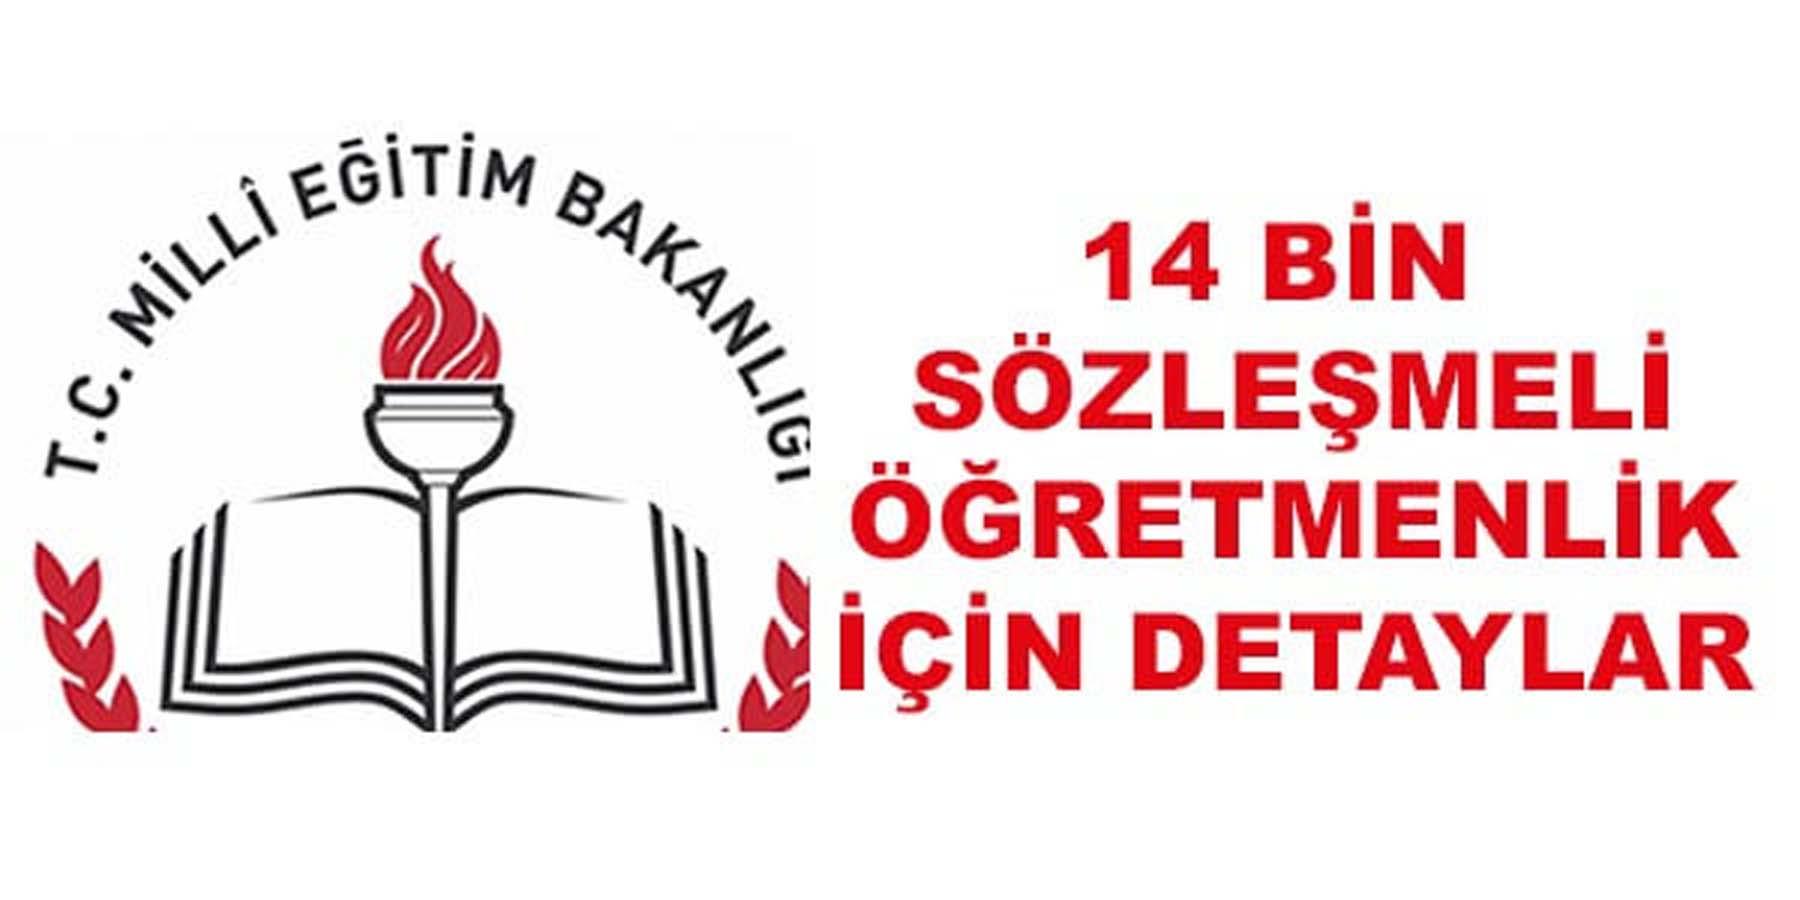 Meb'den 14 Bin Sözleşmeli Öğretmen Alımı